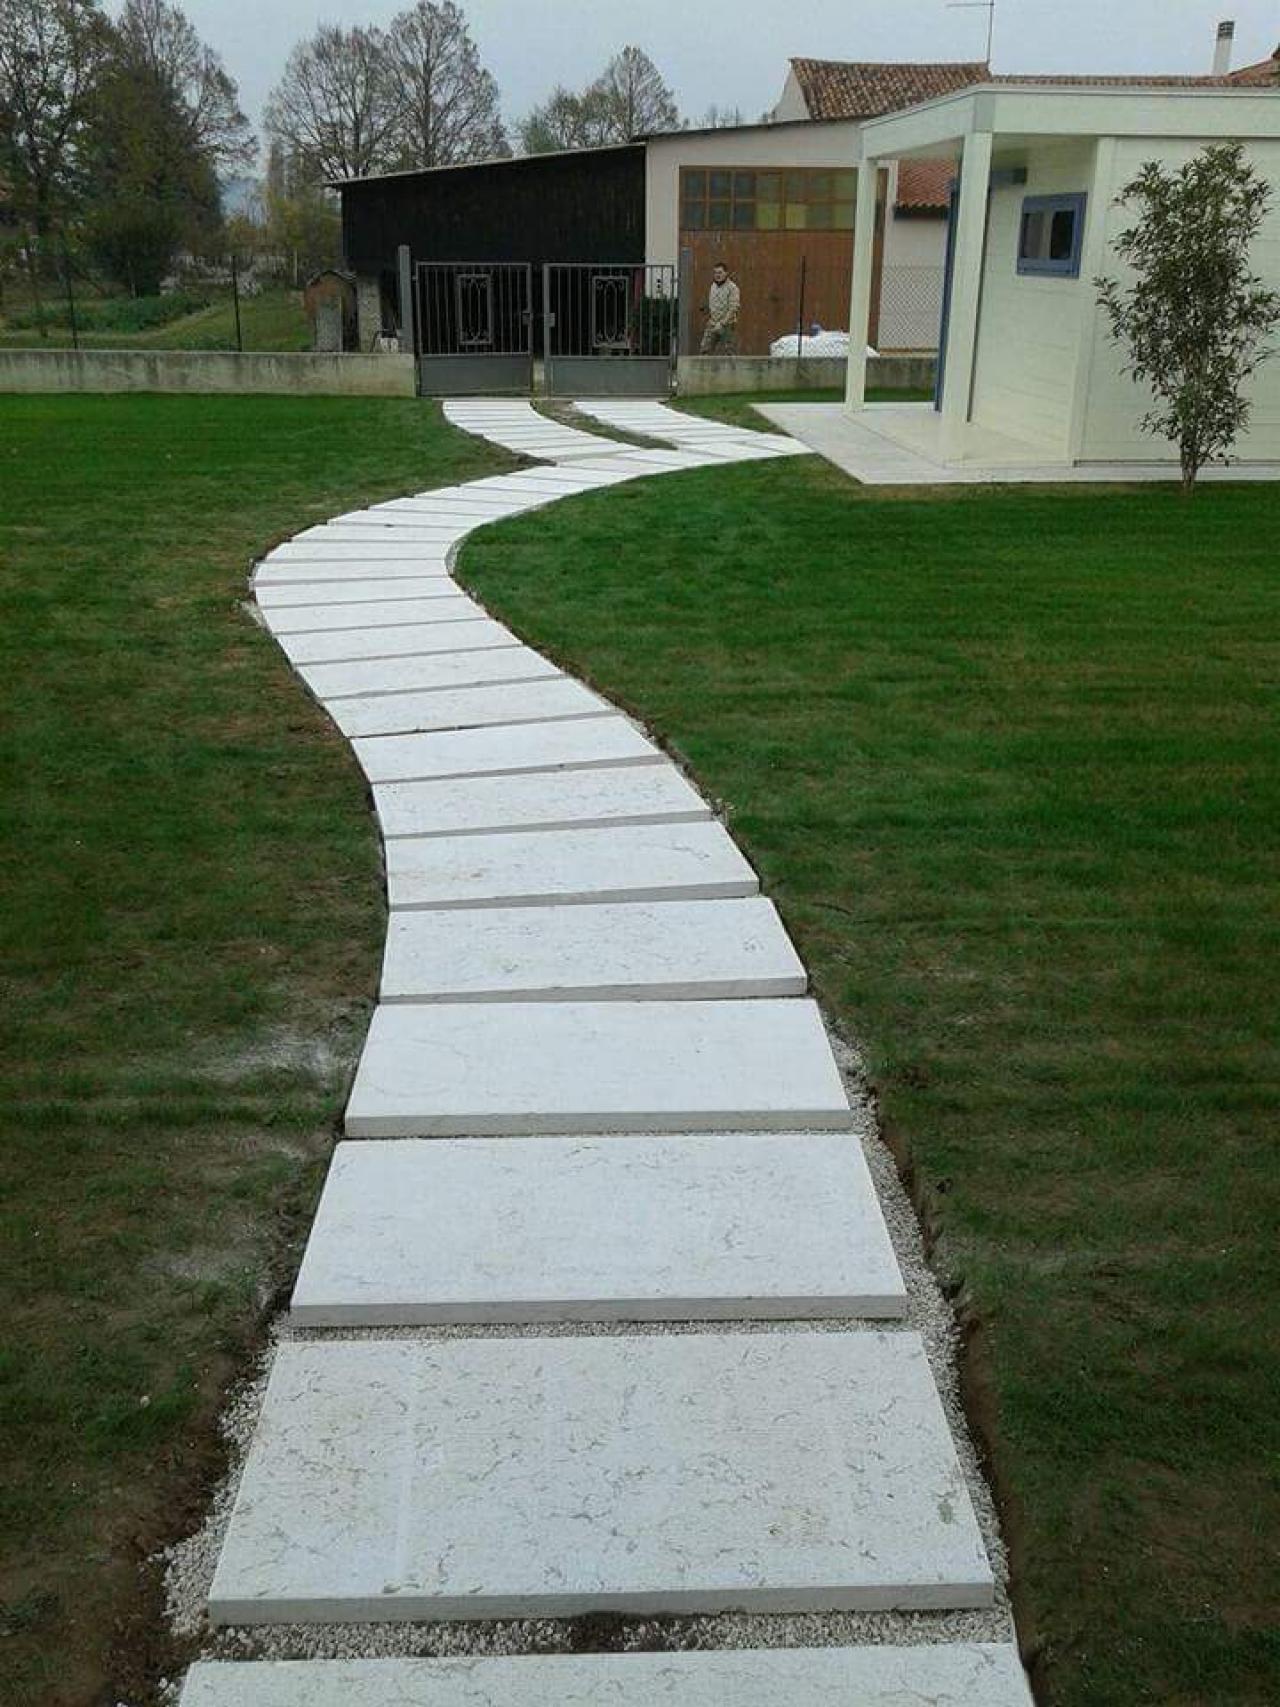 Pietra lessinia o prun vialetto in giardino realizzato da - Camminamento pietra giardino ...